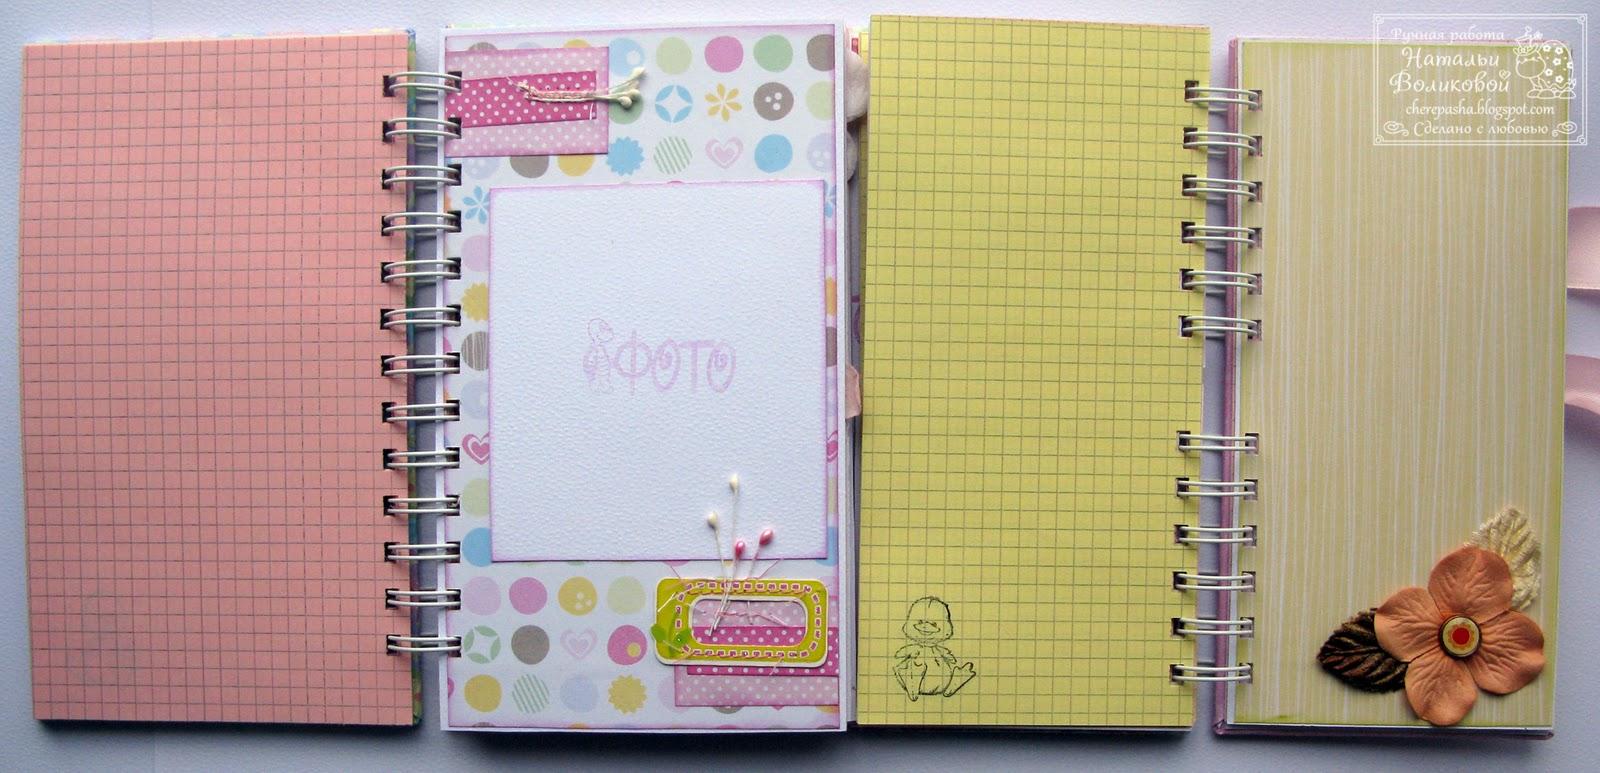 Личный дневник для девочек своими руками как оформлять